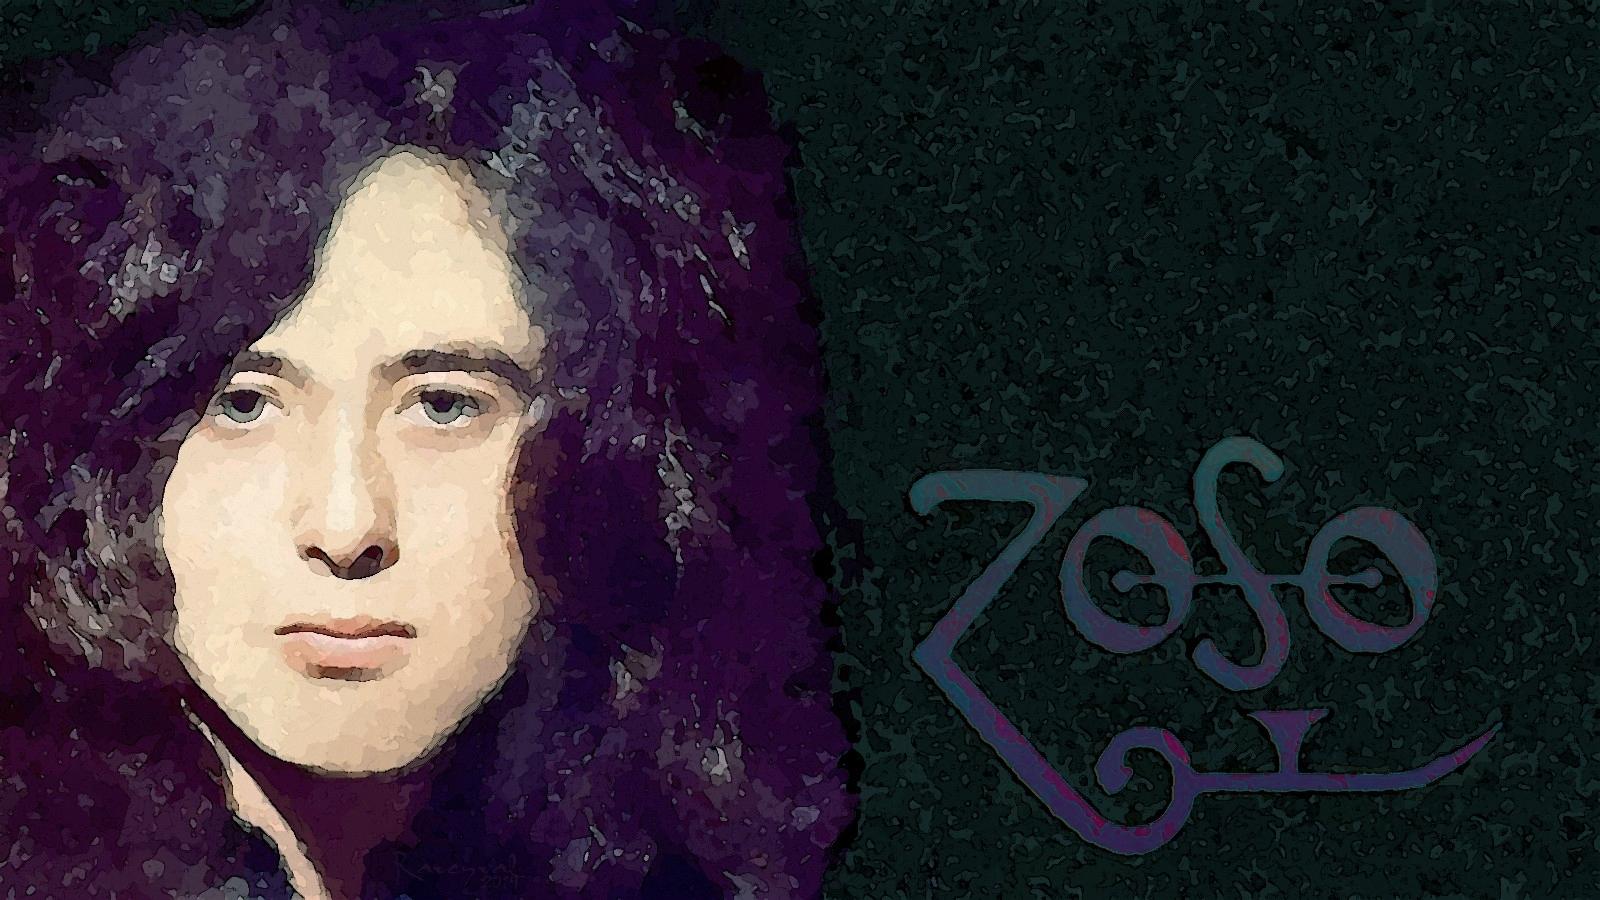 Jimmy Page by Ravenval 2014